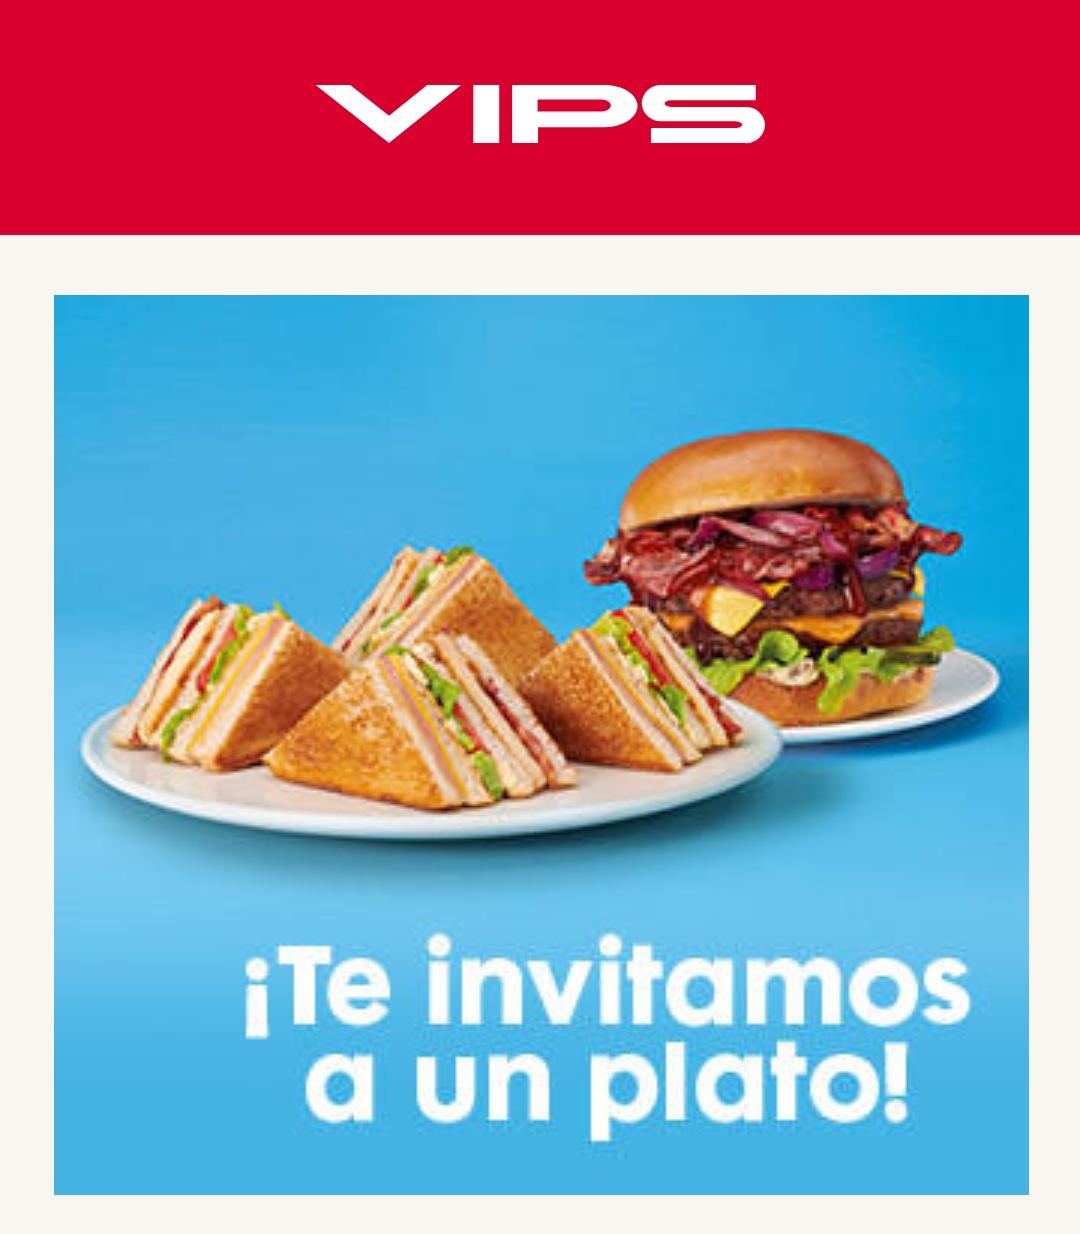 Platos gratis en VIPS